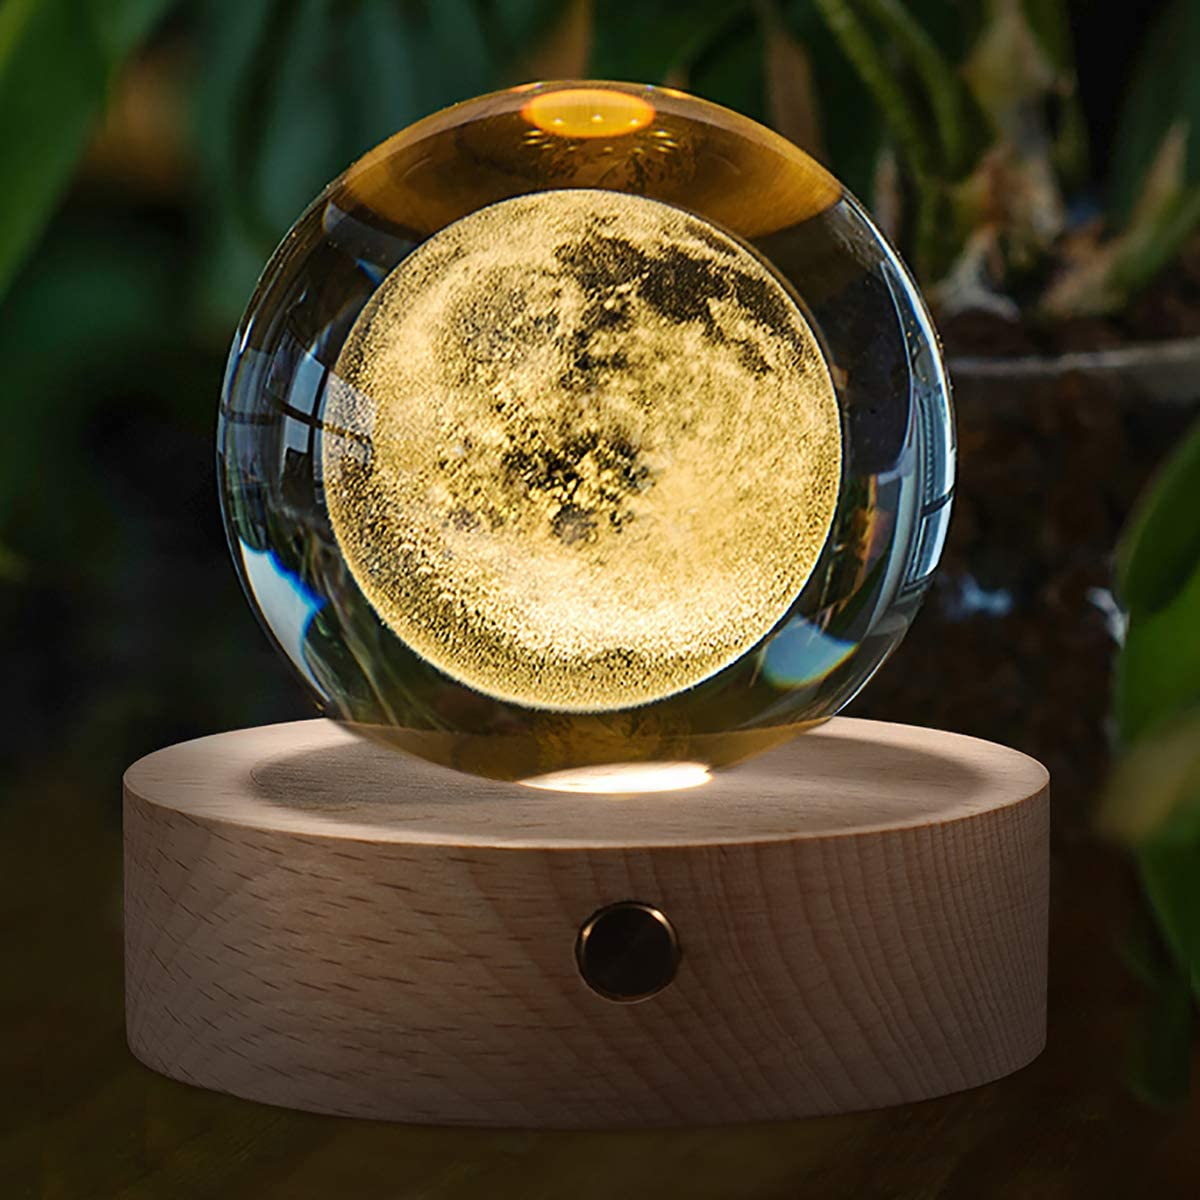 Moon Crystal Ball